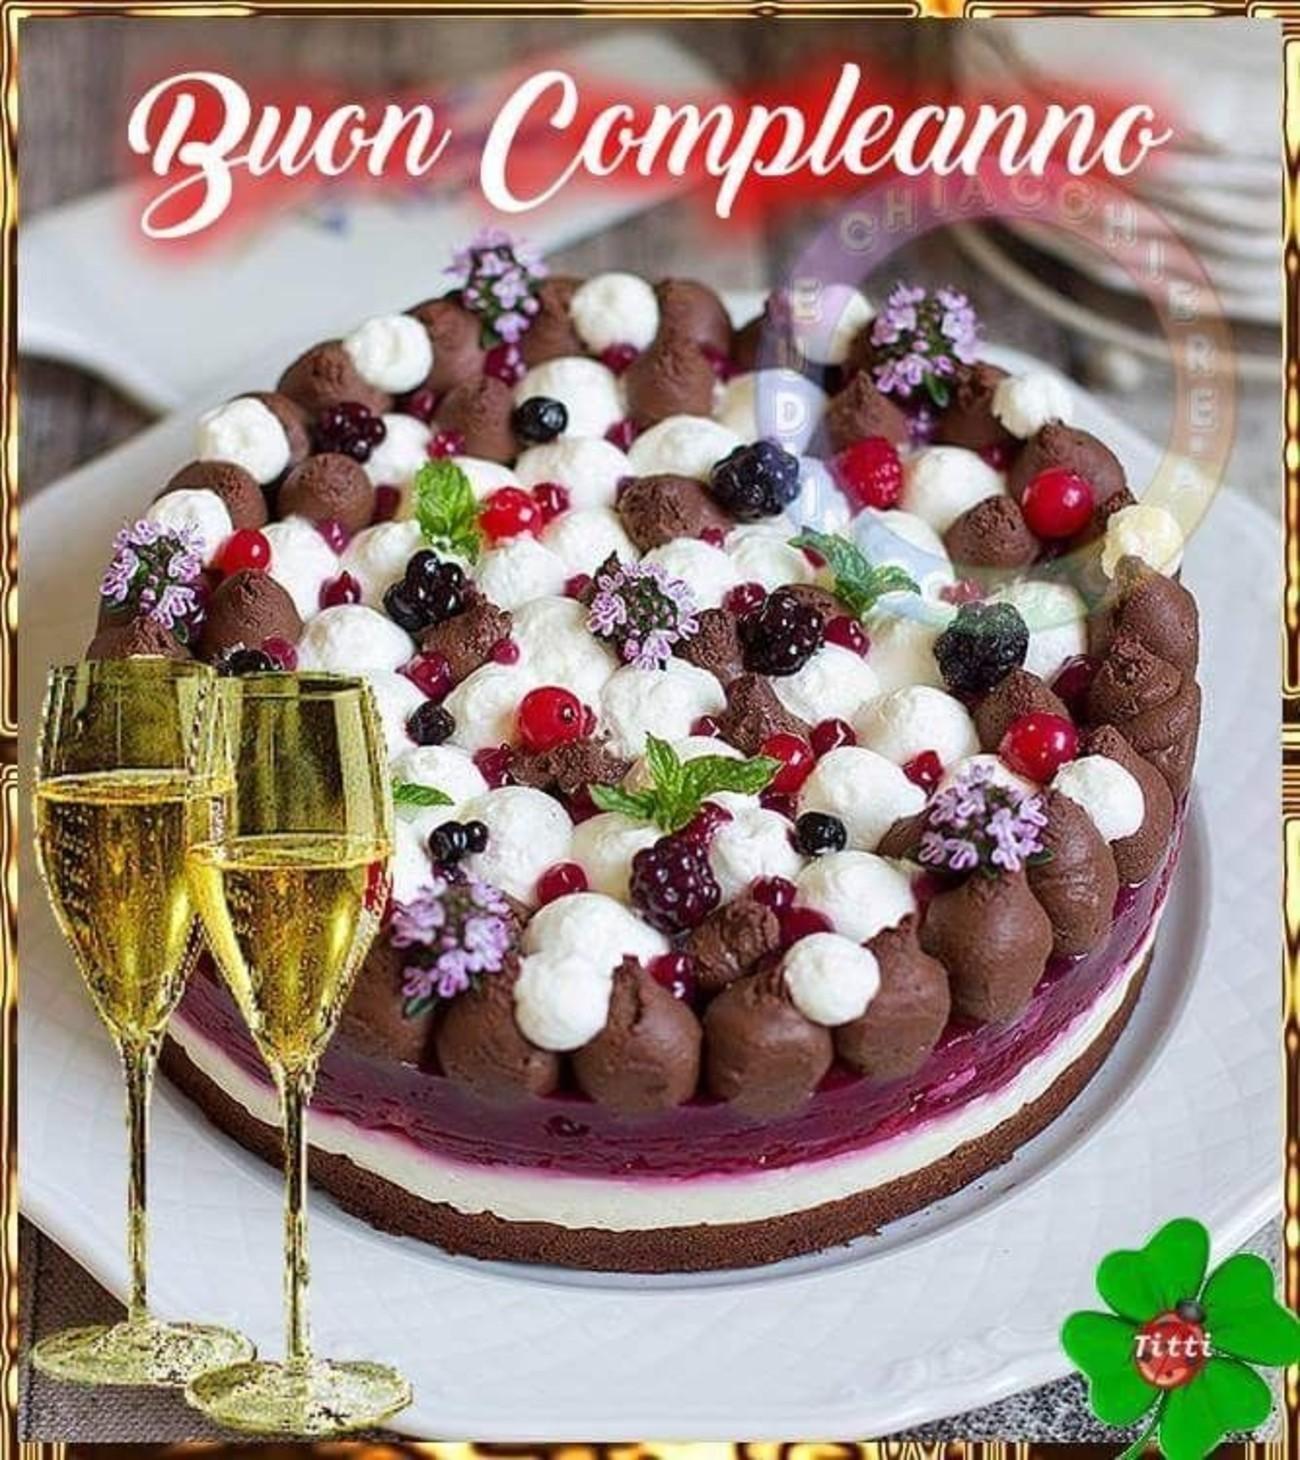 Buon Compleanno Immagini Da Condividere Gratis Buongiorno